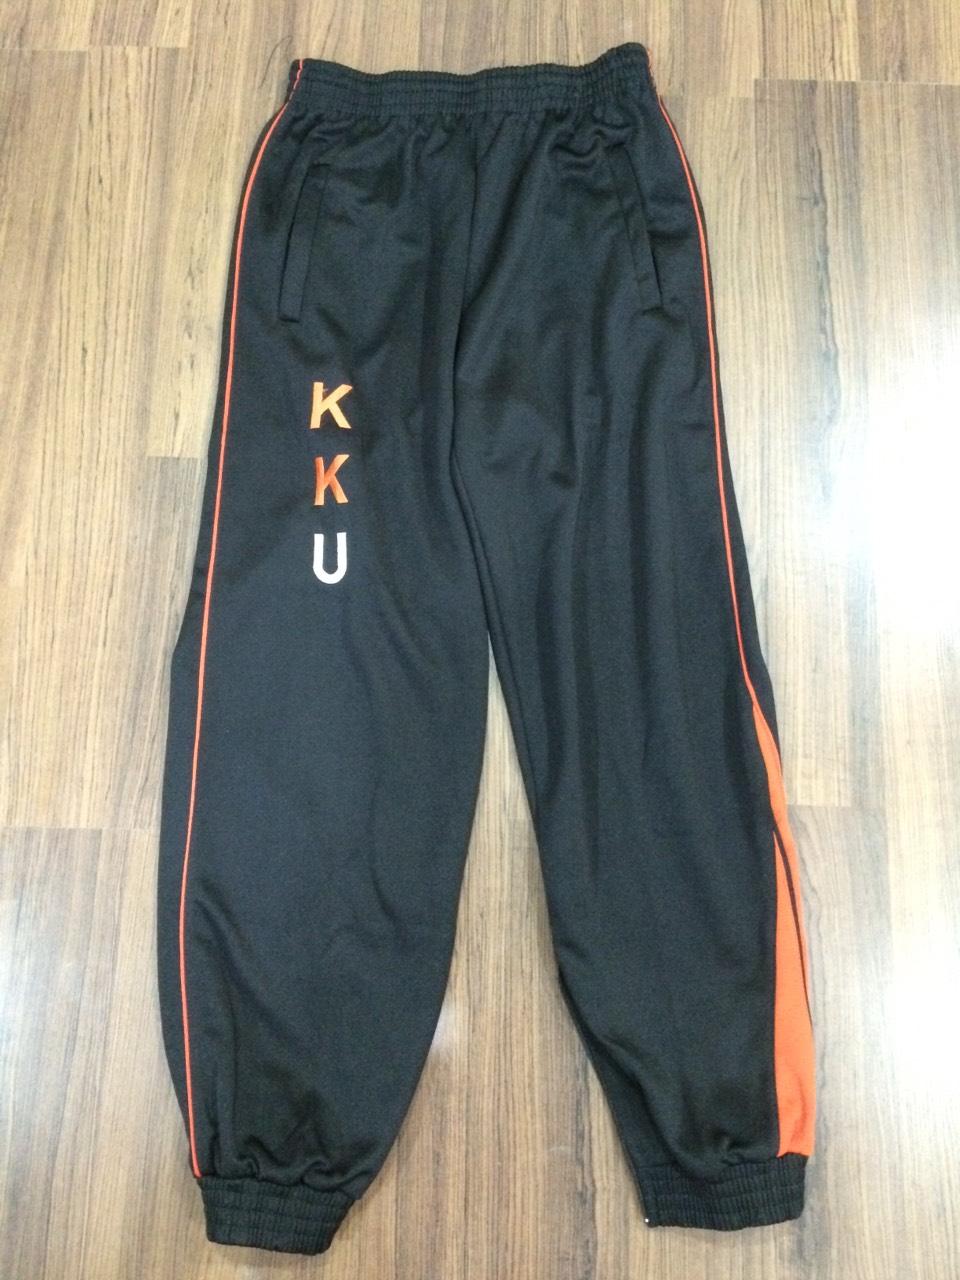 กางเกงพละ หญิง/ชาย (สะโพก 58 นิ้ว ยาว 42 นิ้ว) ขนาดไซด์ 5XL